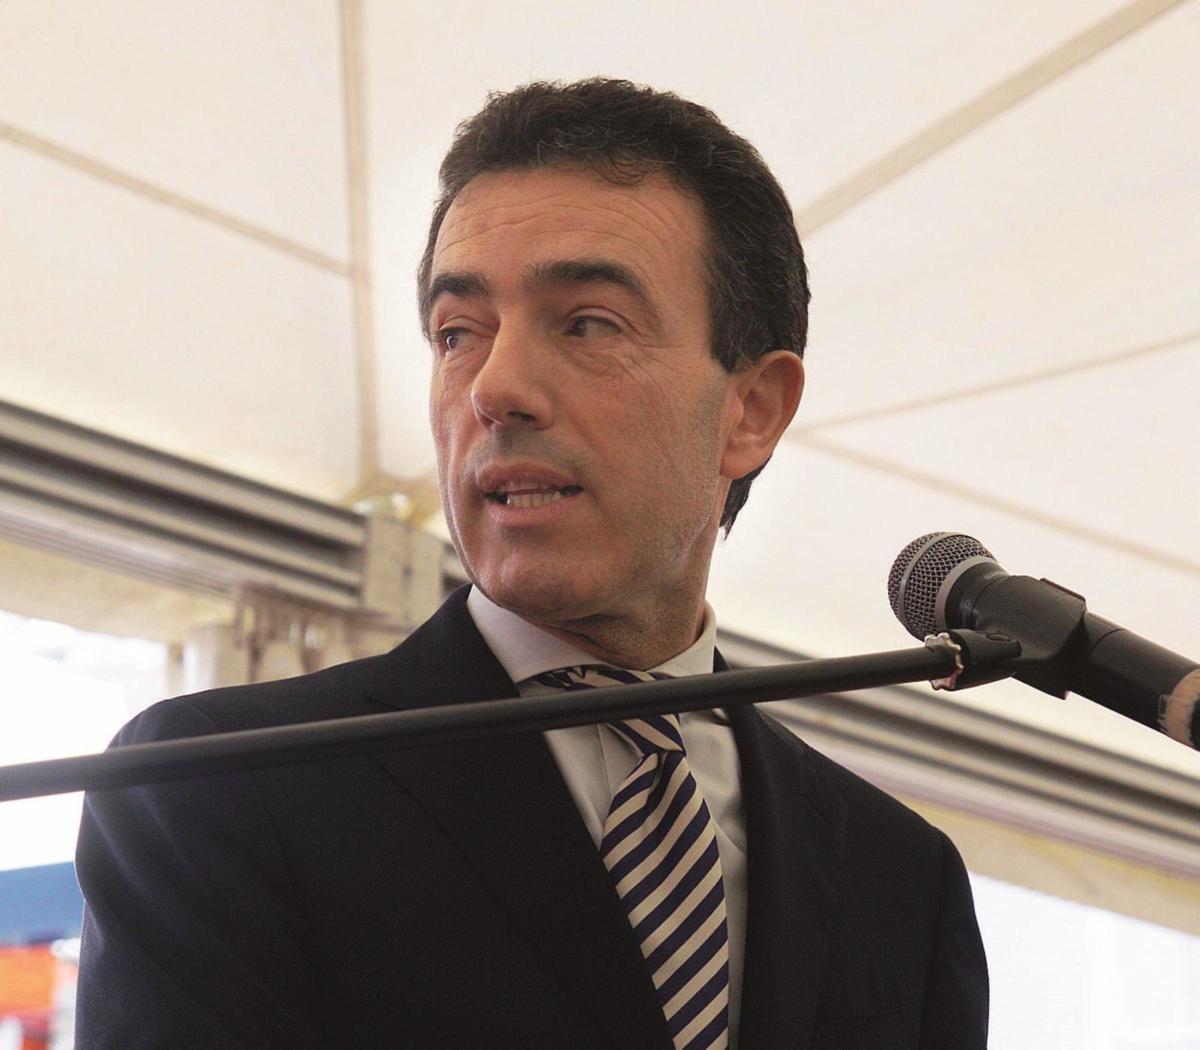 Presidente AdSP Mar Adriatico Centro settentrionale